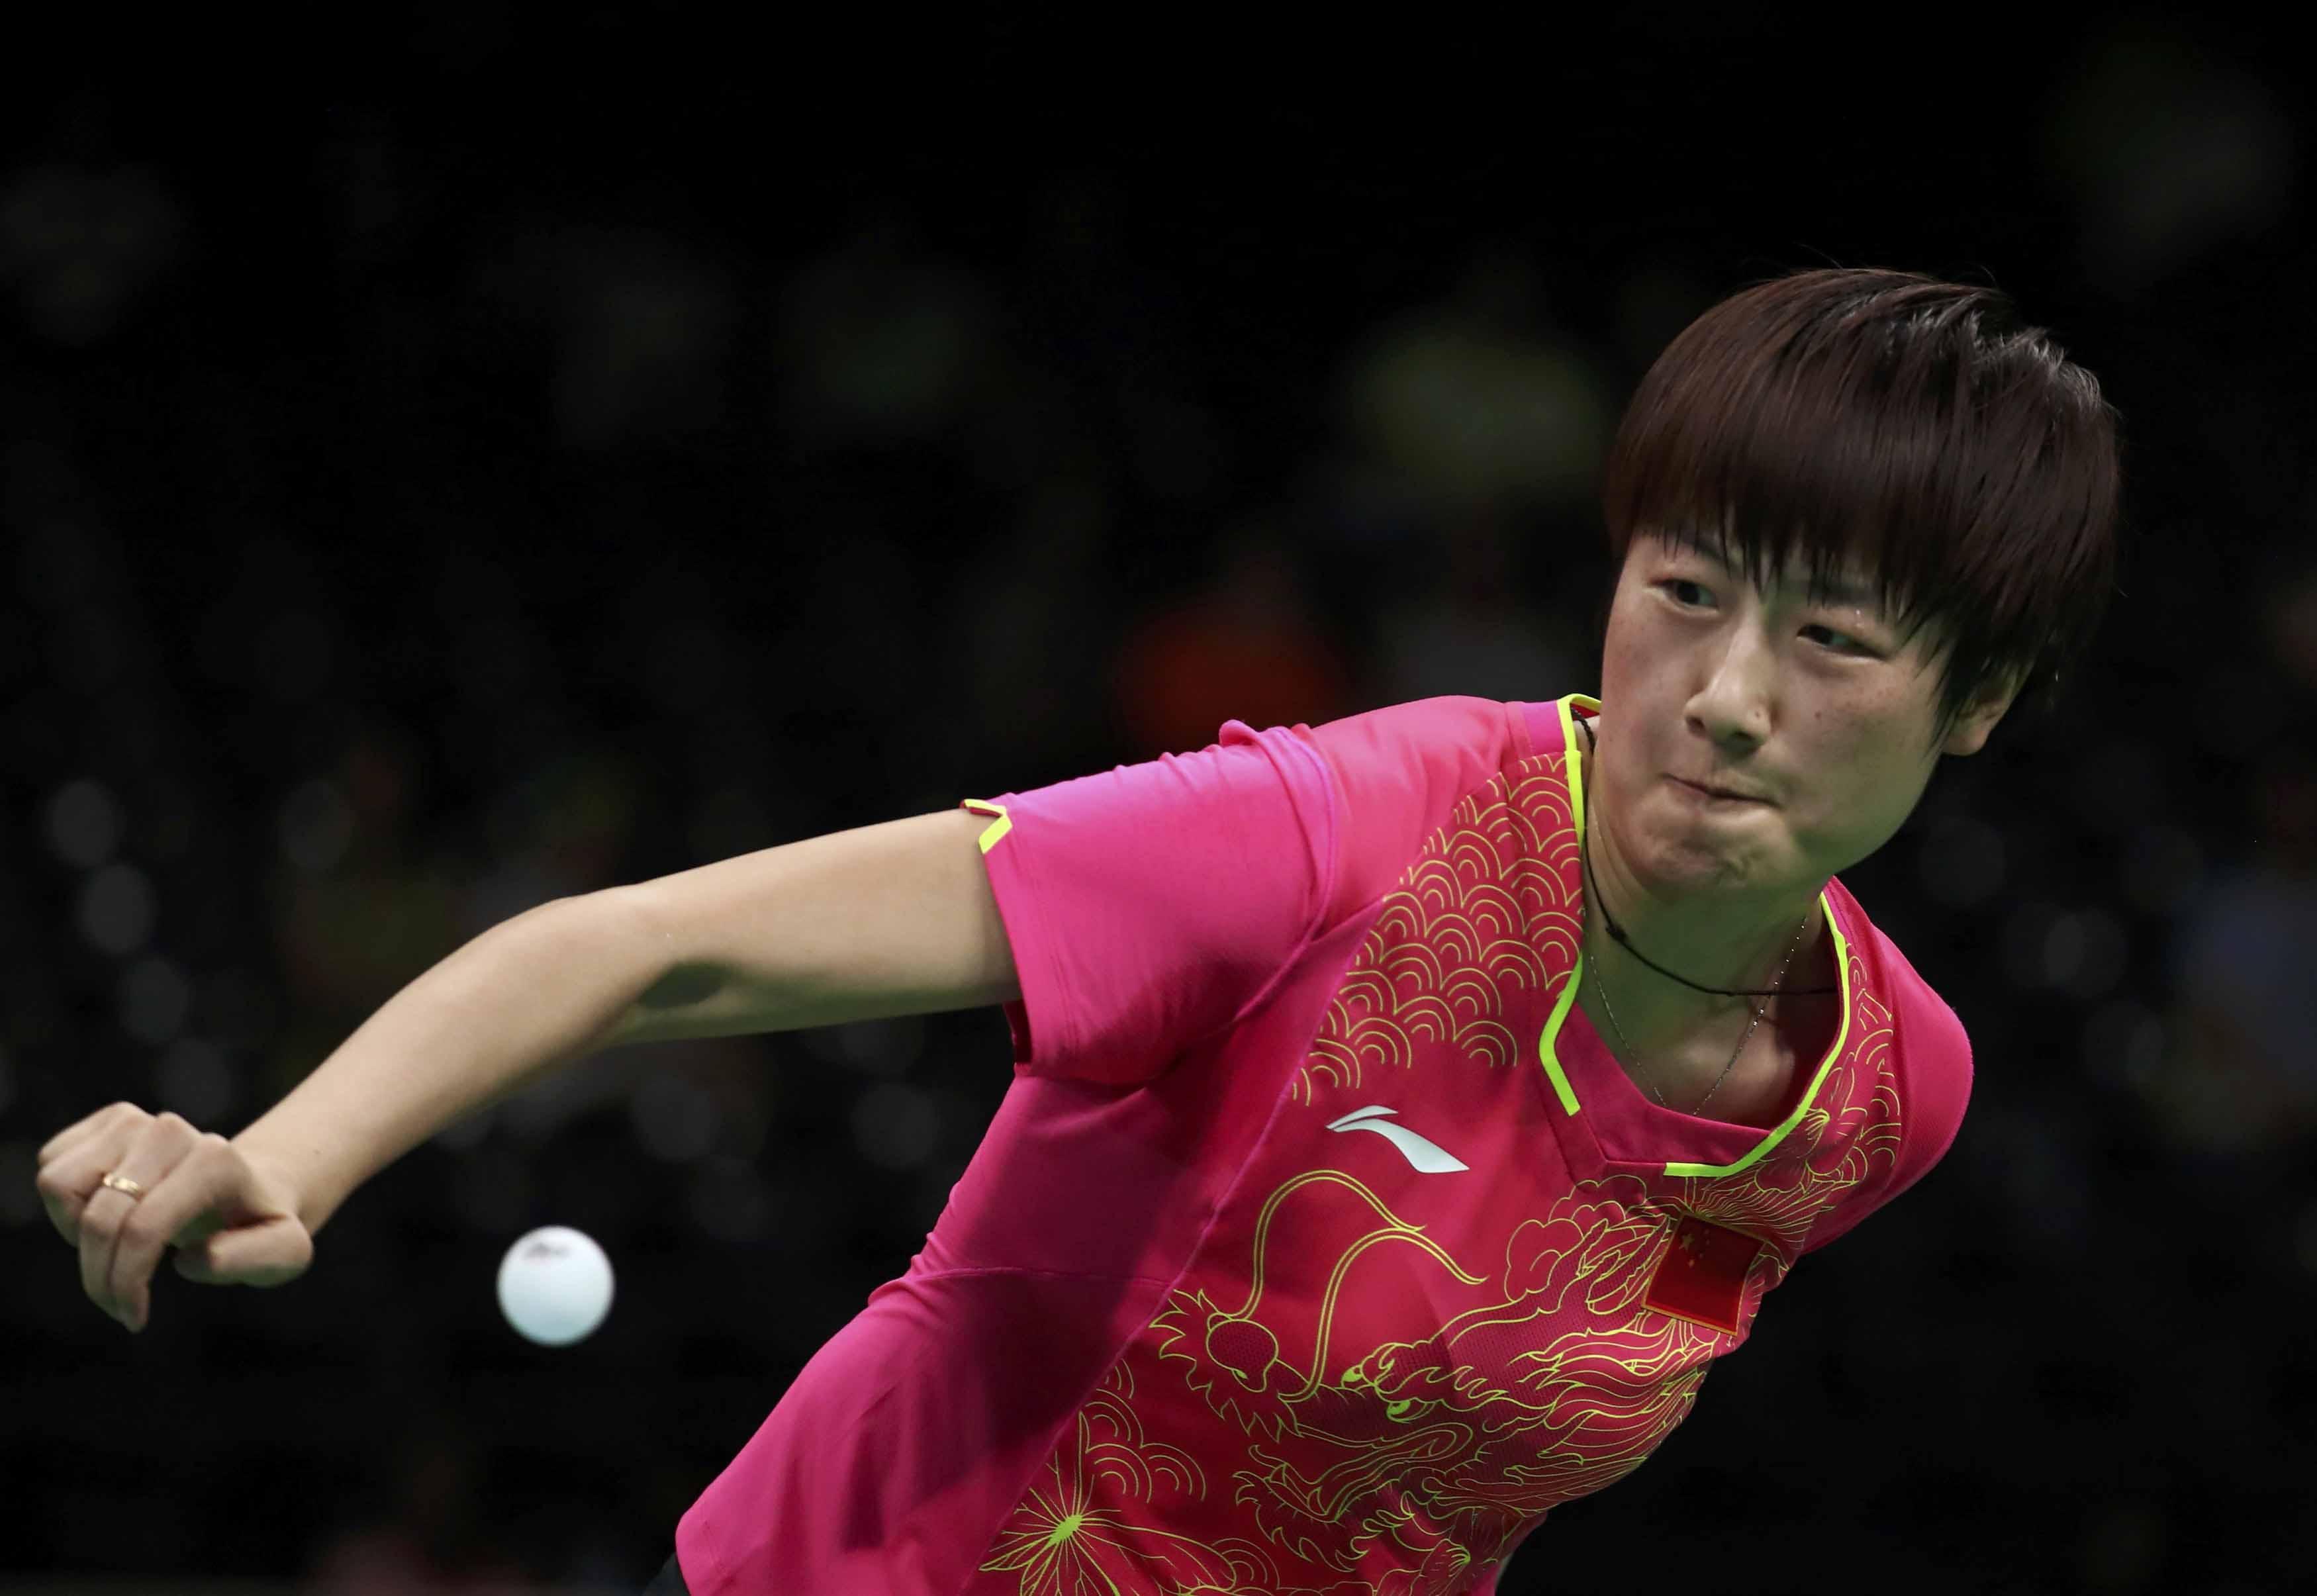 乒乓球女单1/4v表情晋级无悬念丁宁表情的武术图片